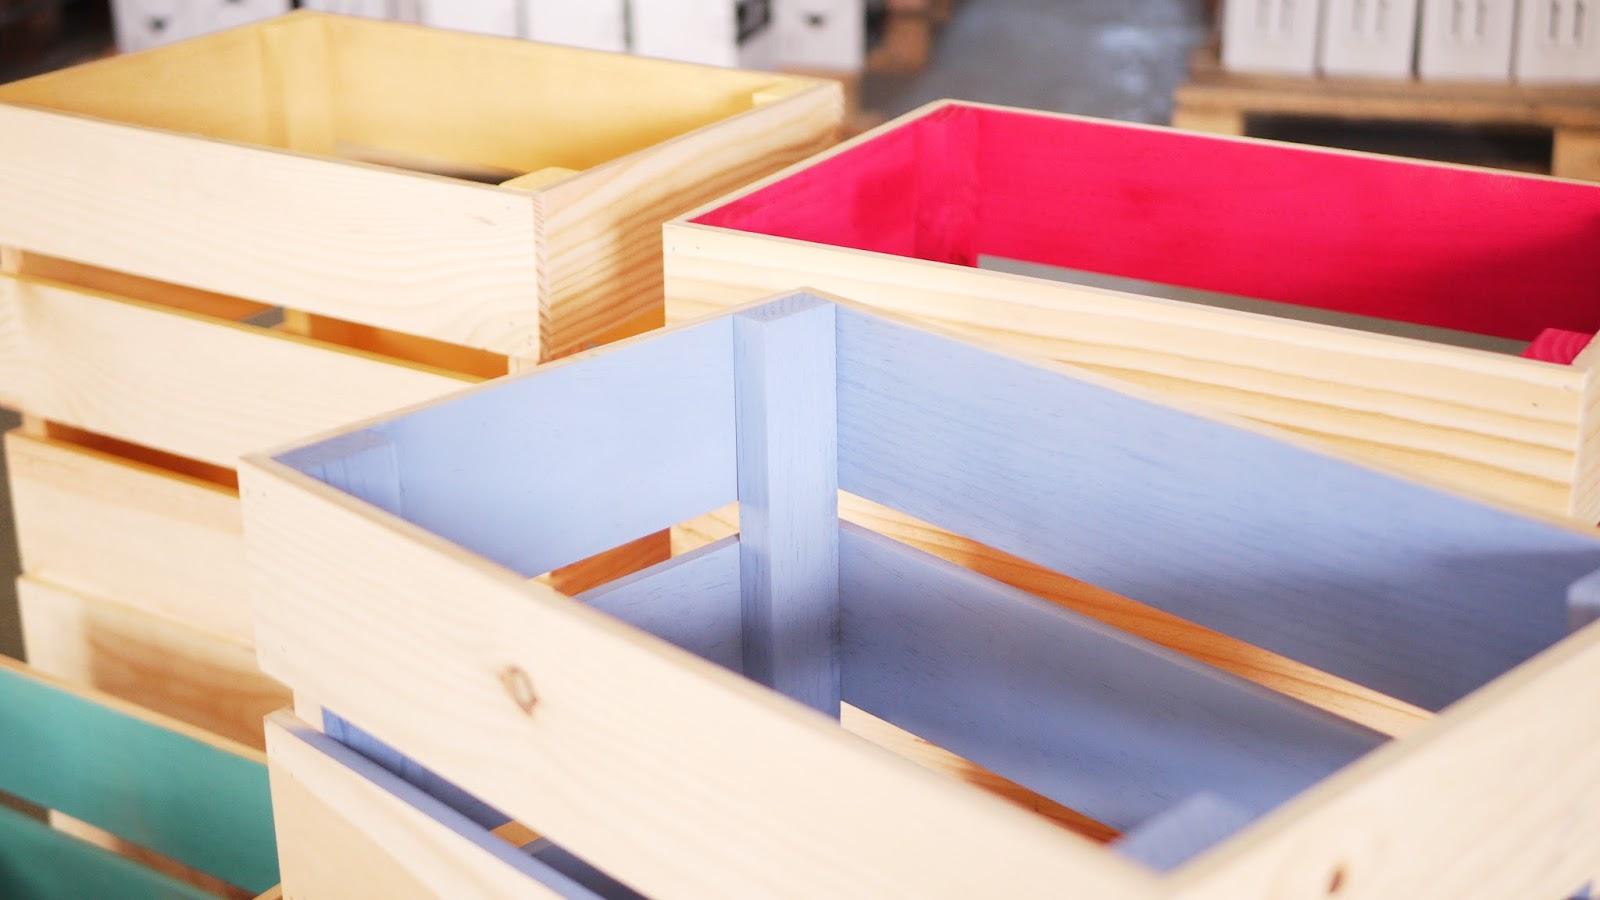 Mesa con cajas de madera leroy merlin - Cajas madera leroy merlin ...